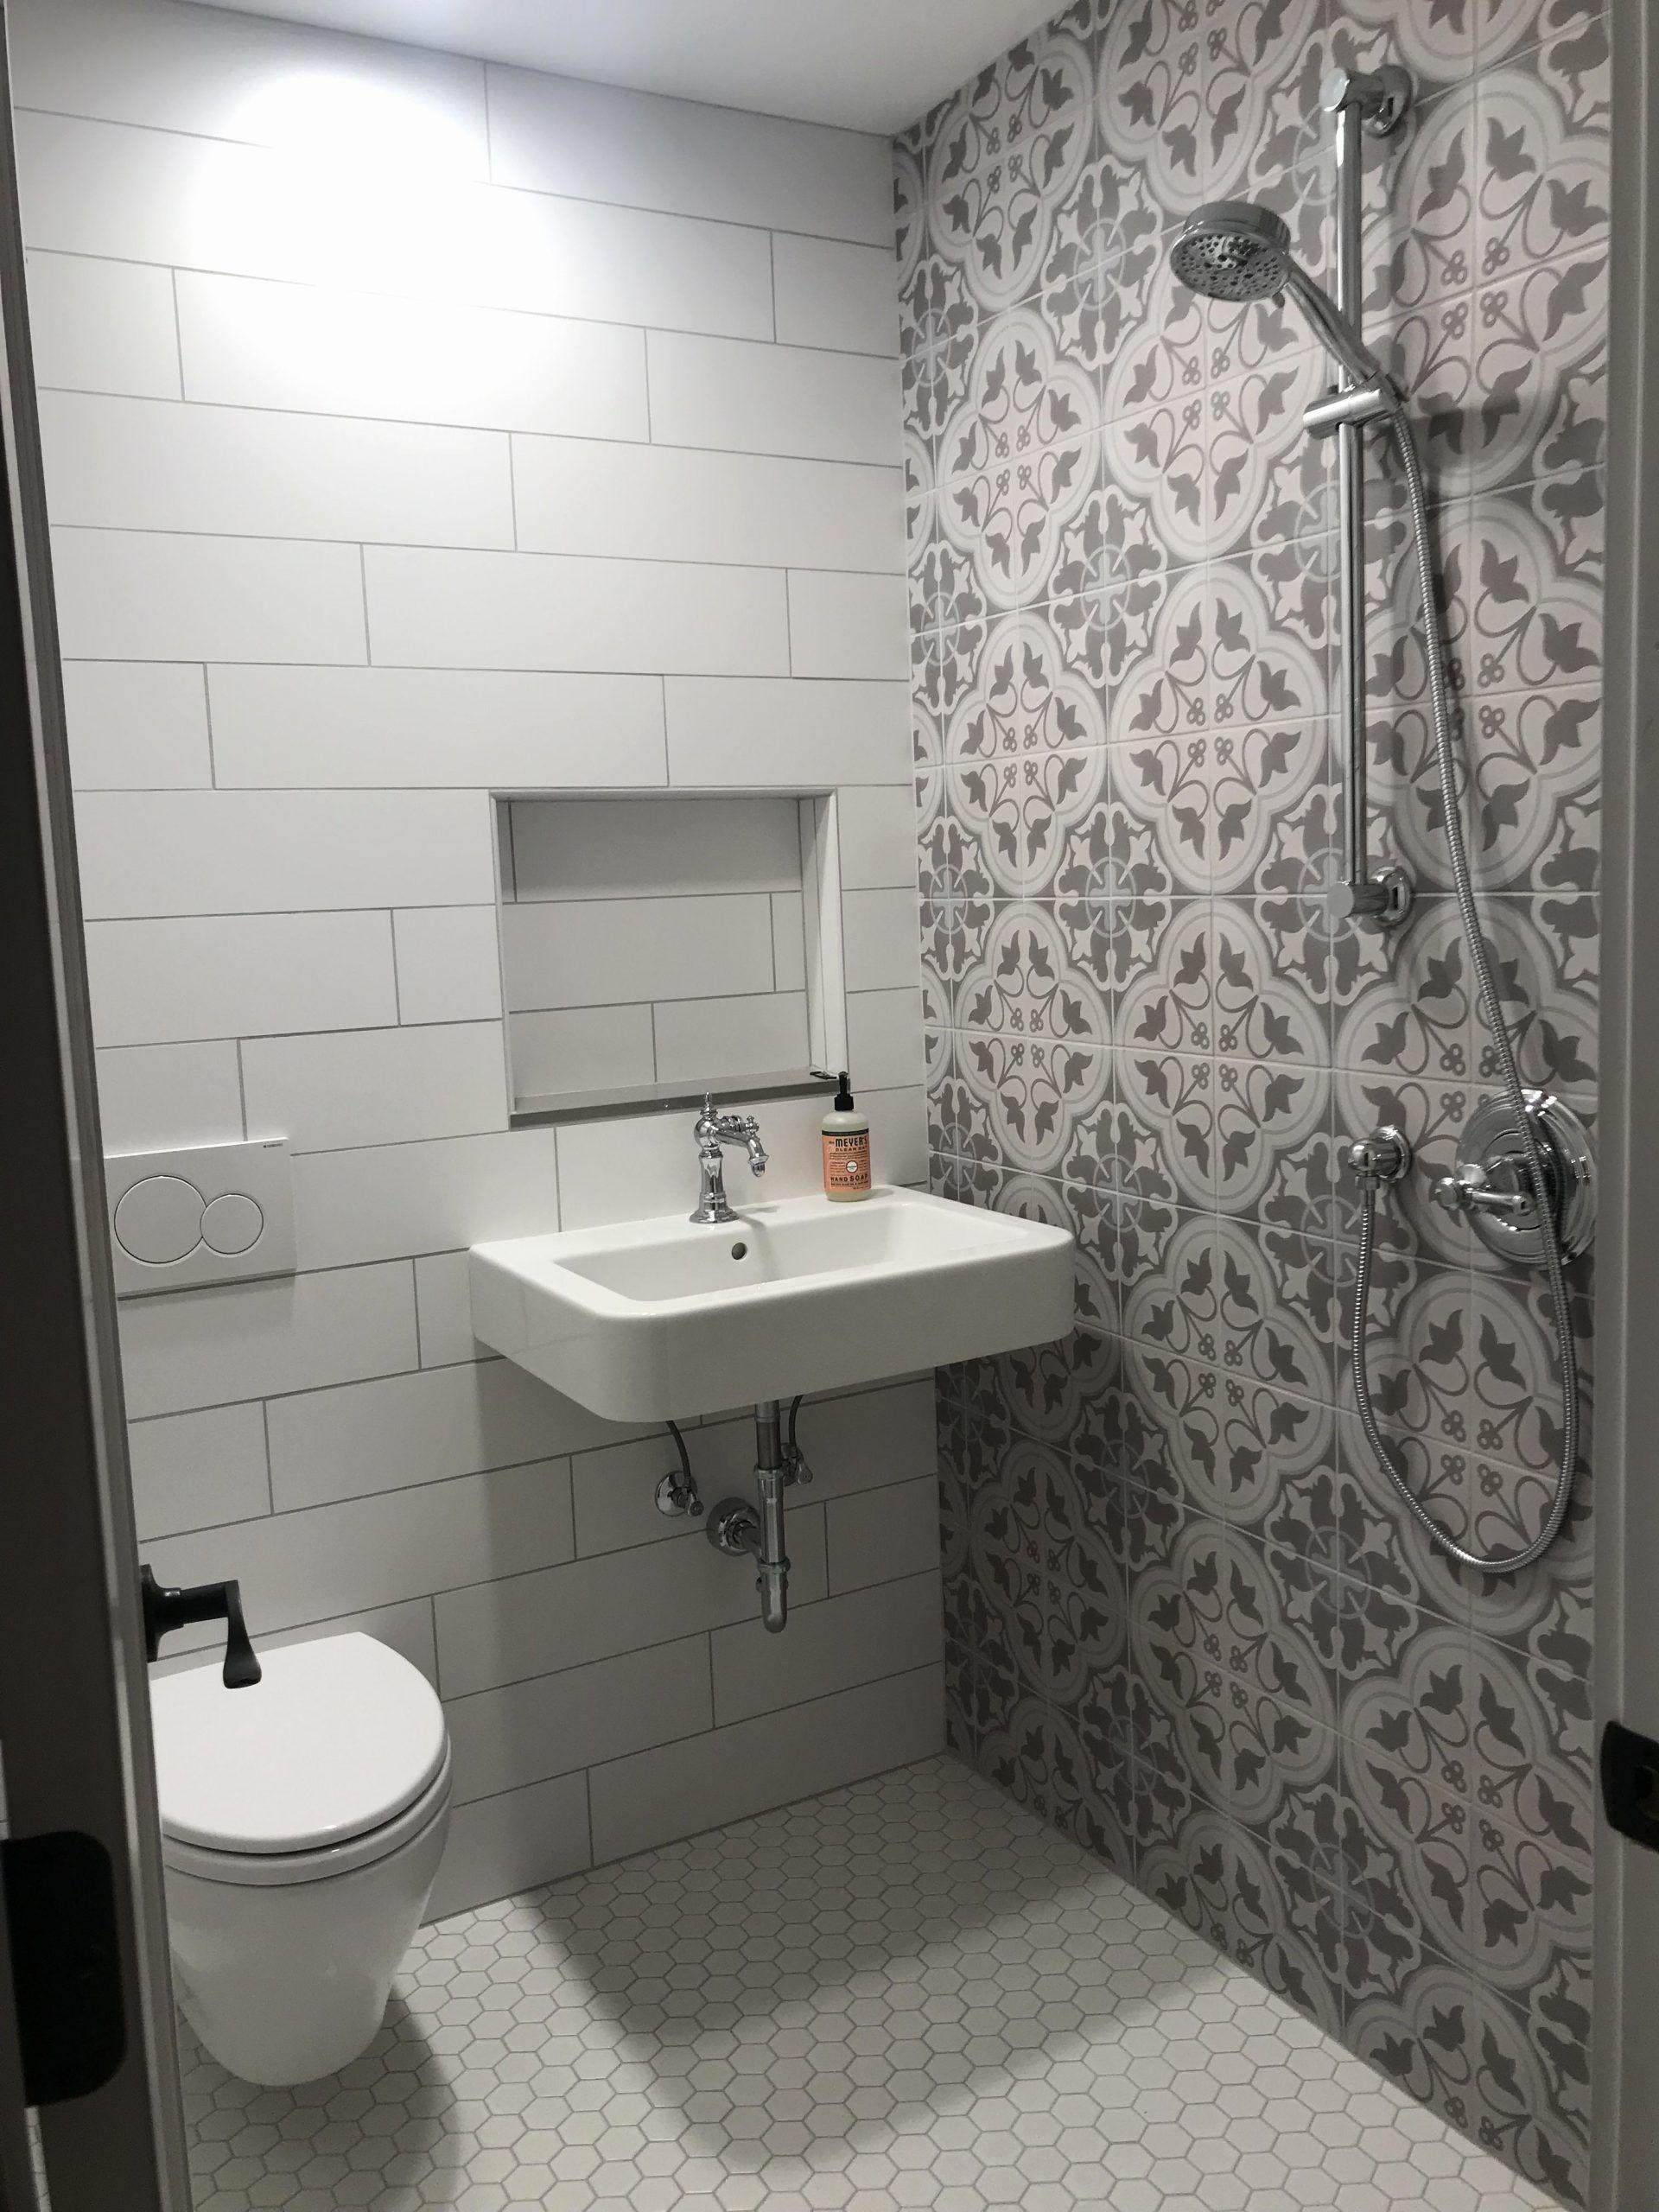 5 X 6 Bathroom Elegant 5 X6 Wet Room In 2020 Wet Room Bathroom Small Wet Room Bathroom Remodeling Trends